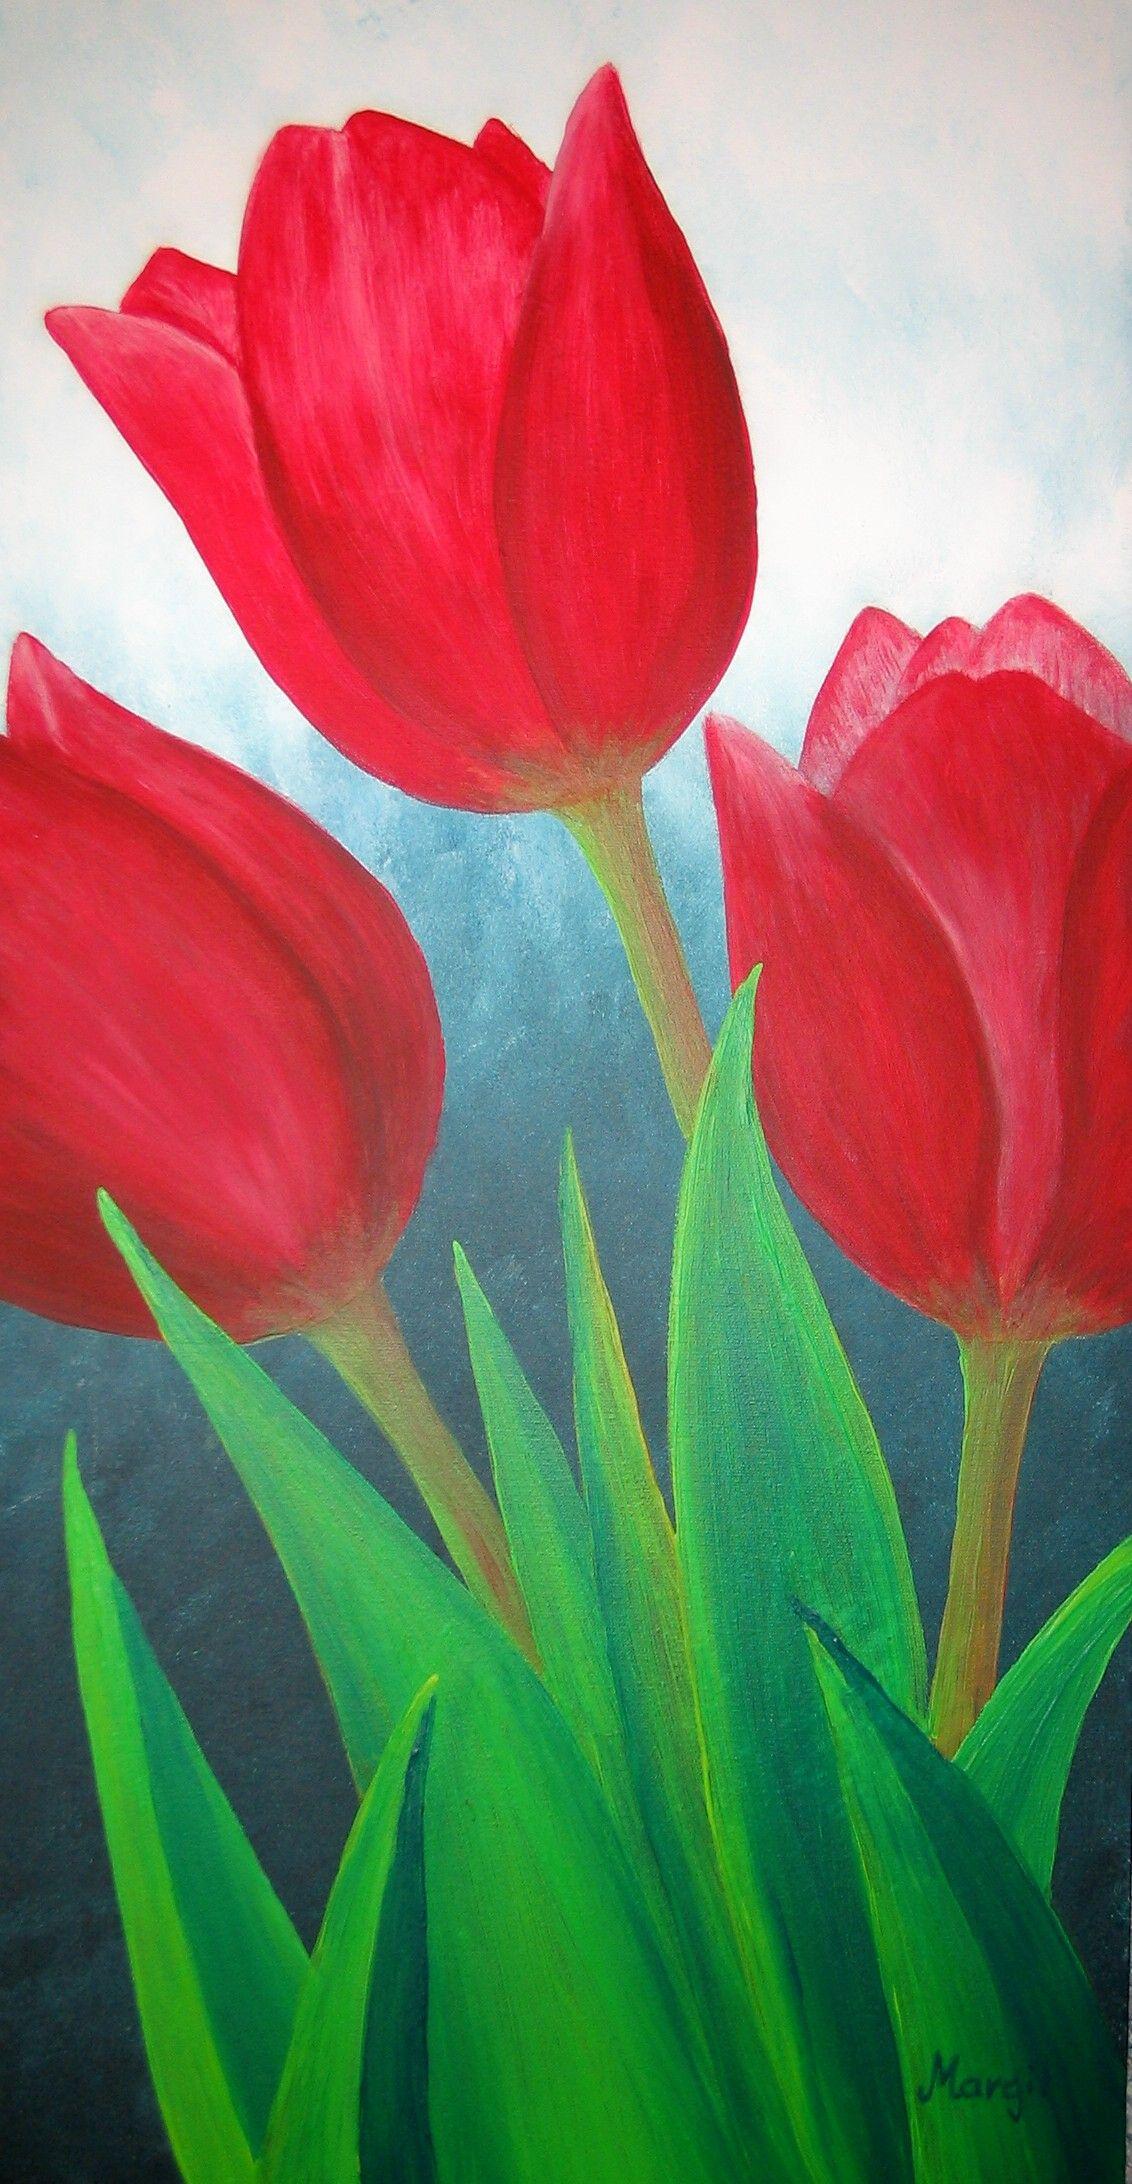 bild tulpen blumen acrylmalerei malerei von witti bei kunstnet. Black Bedroom Furniture Sets. Home Design Ideas